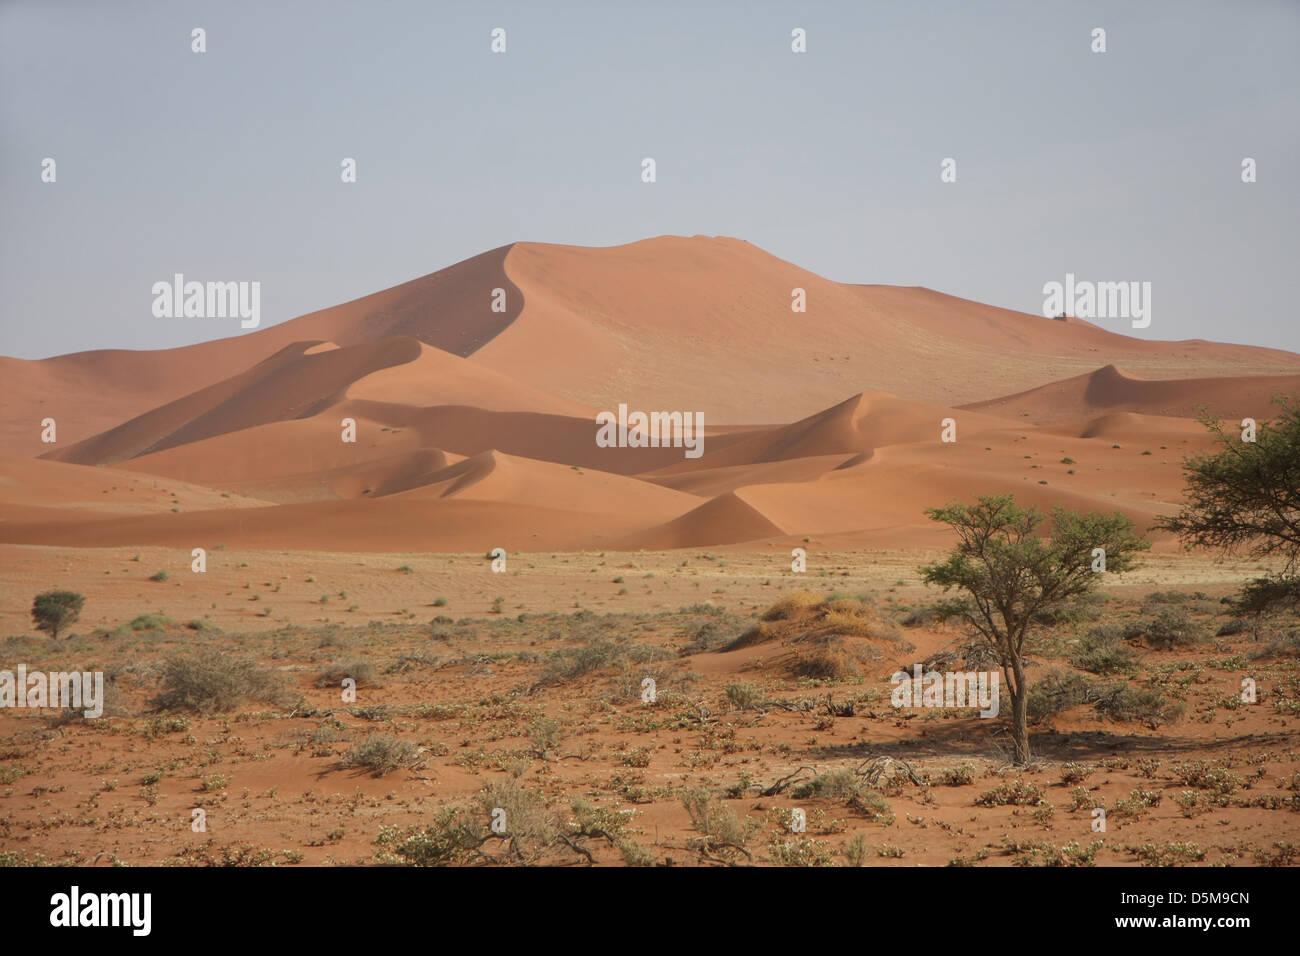 Dunes de sable, de Dead Vlei, près de Sossusvlei, Désert du Namib, Namib-Naukluft National Park, Namibie, Afrique Banque D'Images